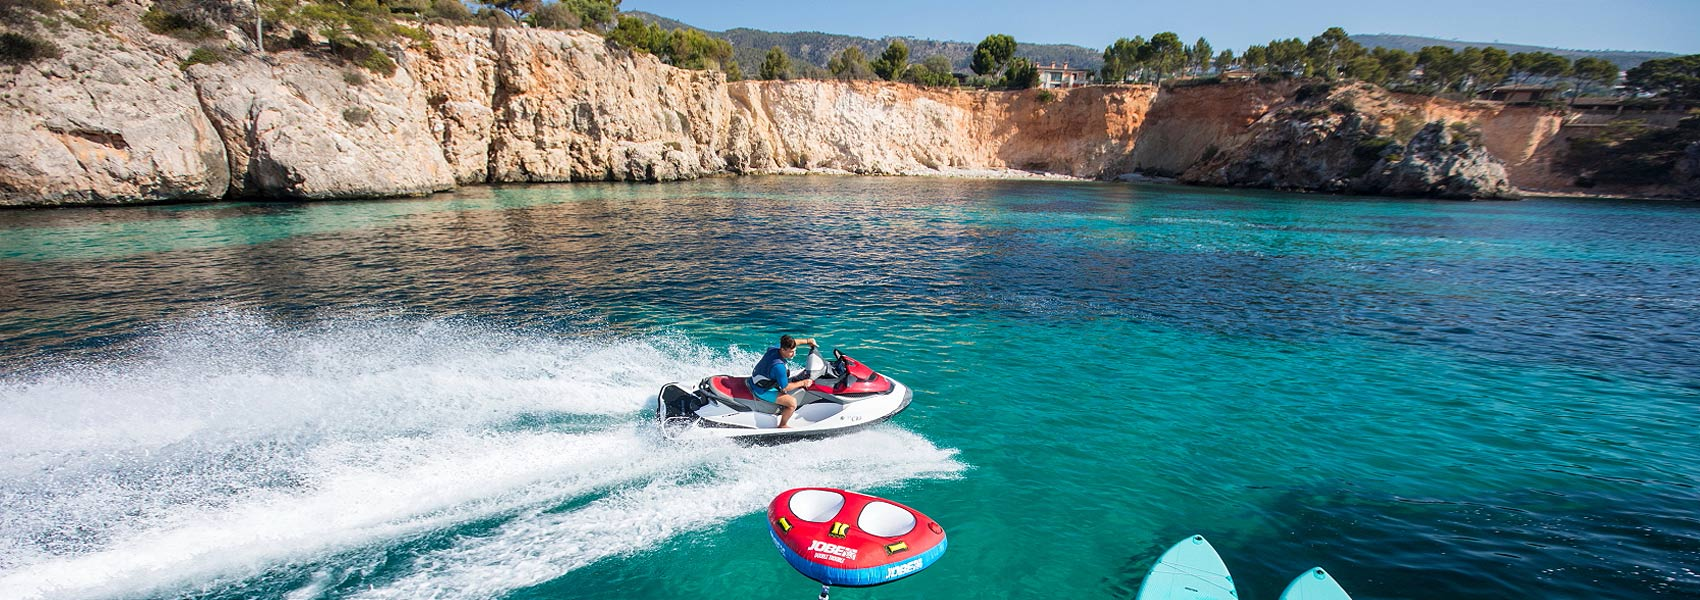 ibiza_charter_boats_sliders_3